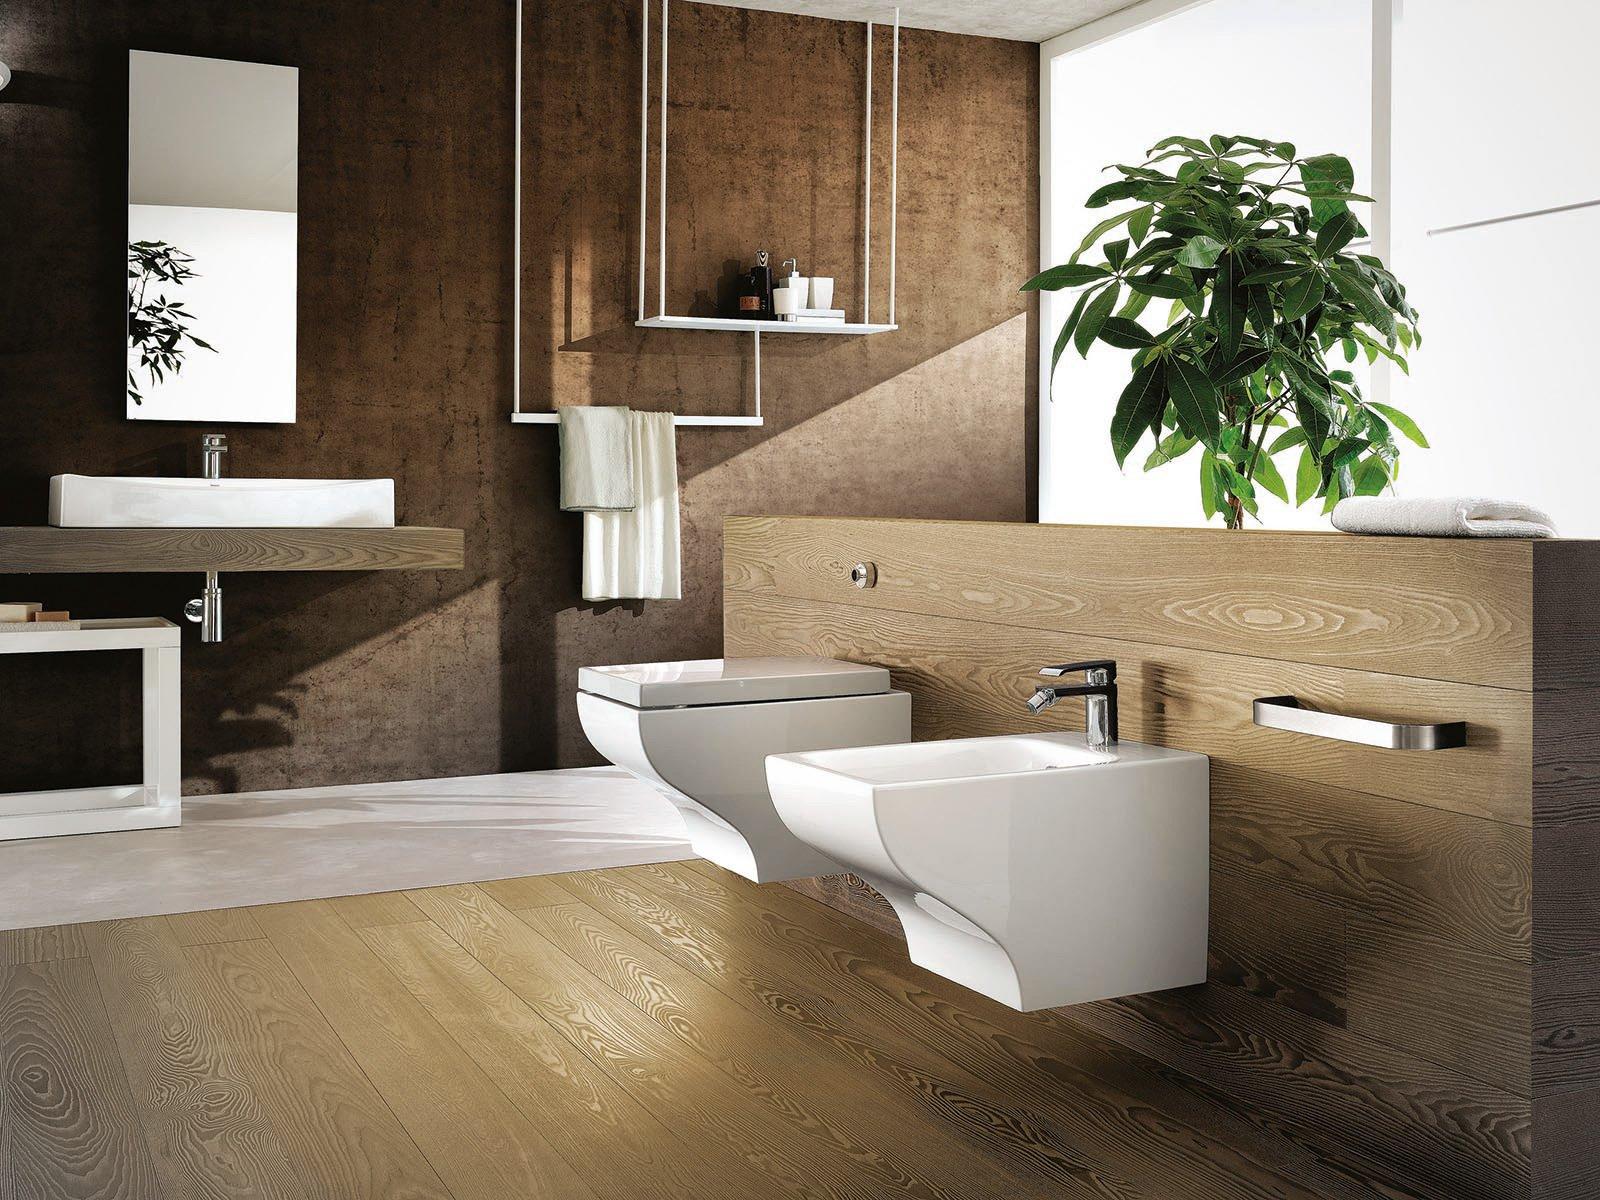 Sanitari sospesi per un bagno contemporaneo - Cose di Casa